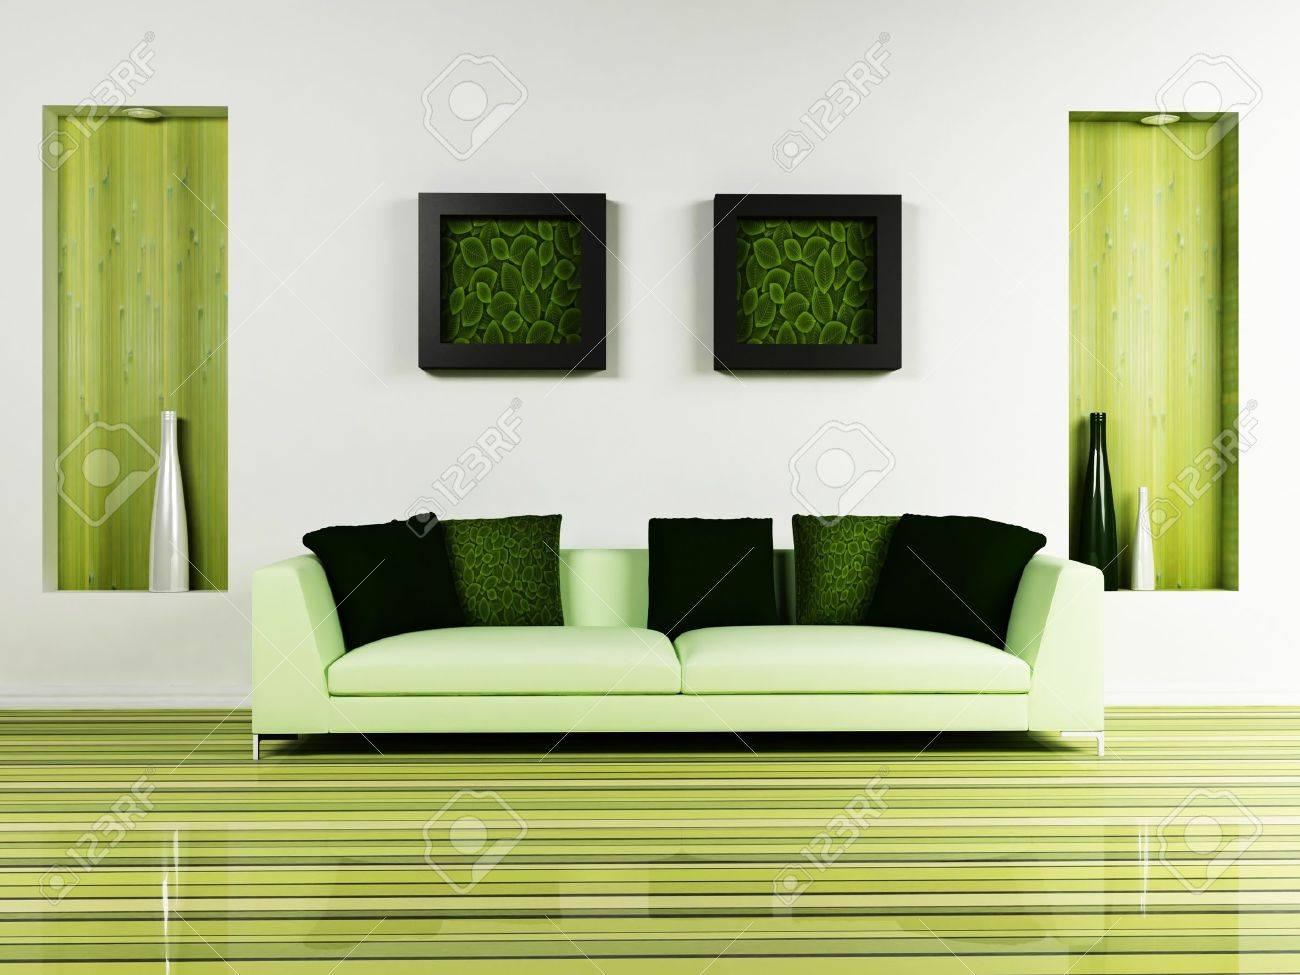 interior design moderno di soggiorno con un bel divano e un ... - Arredamento Moderno Design